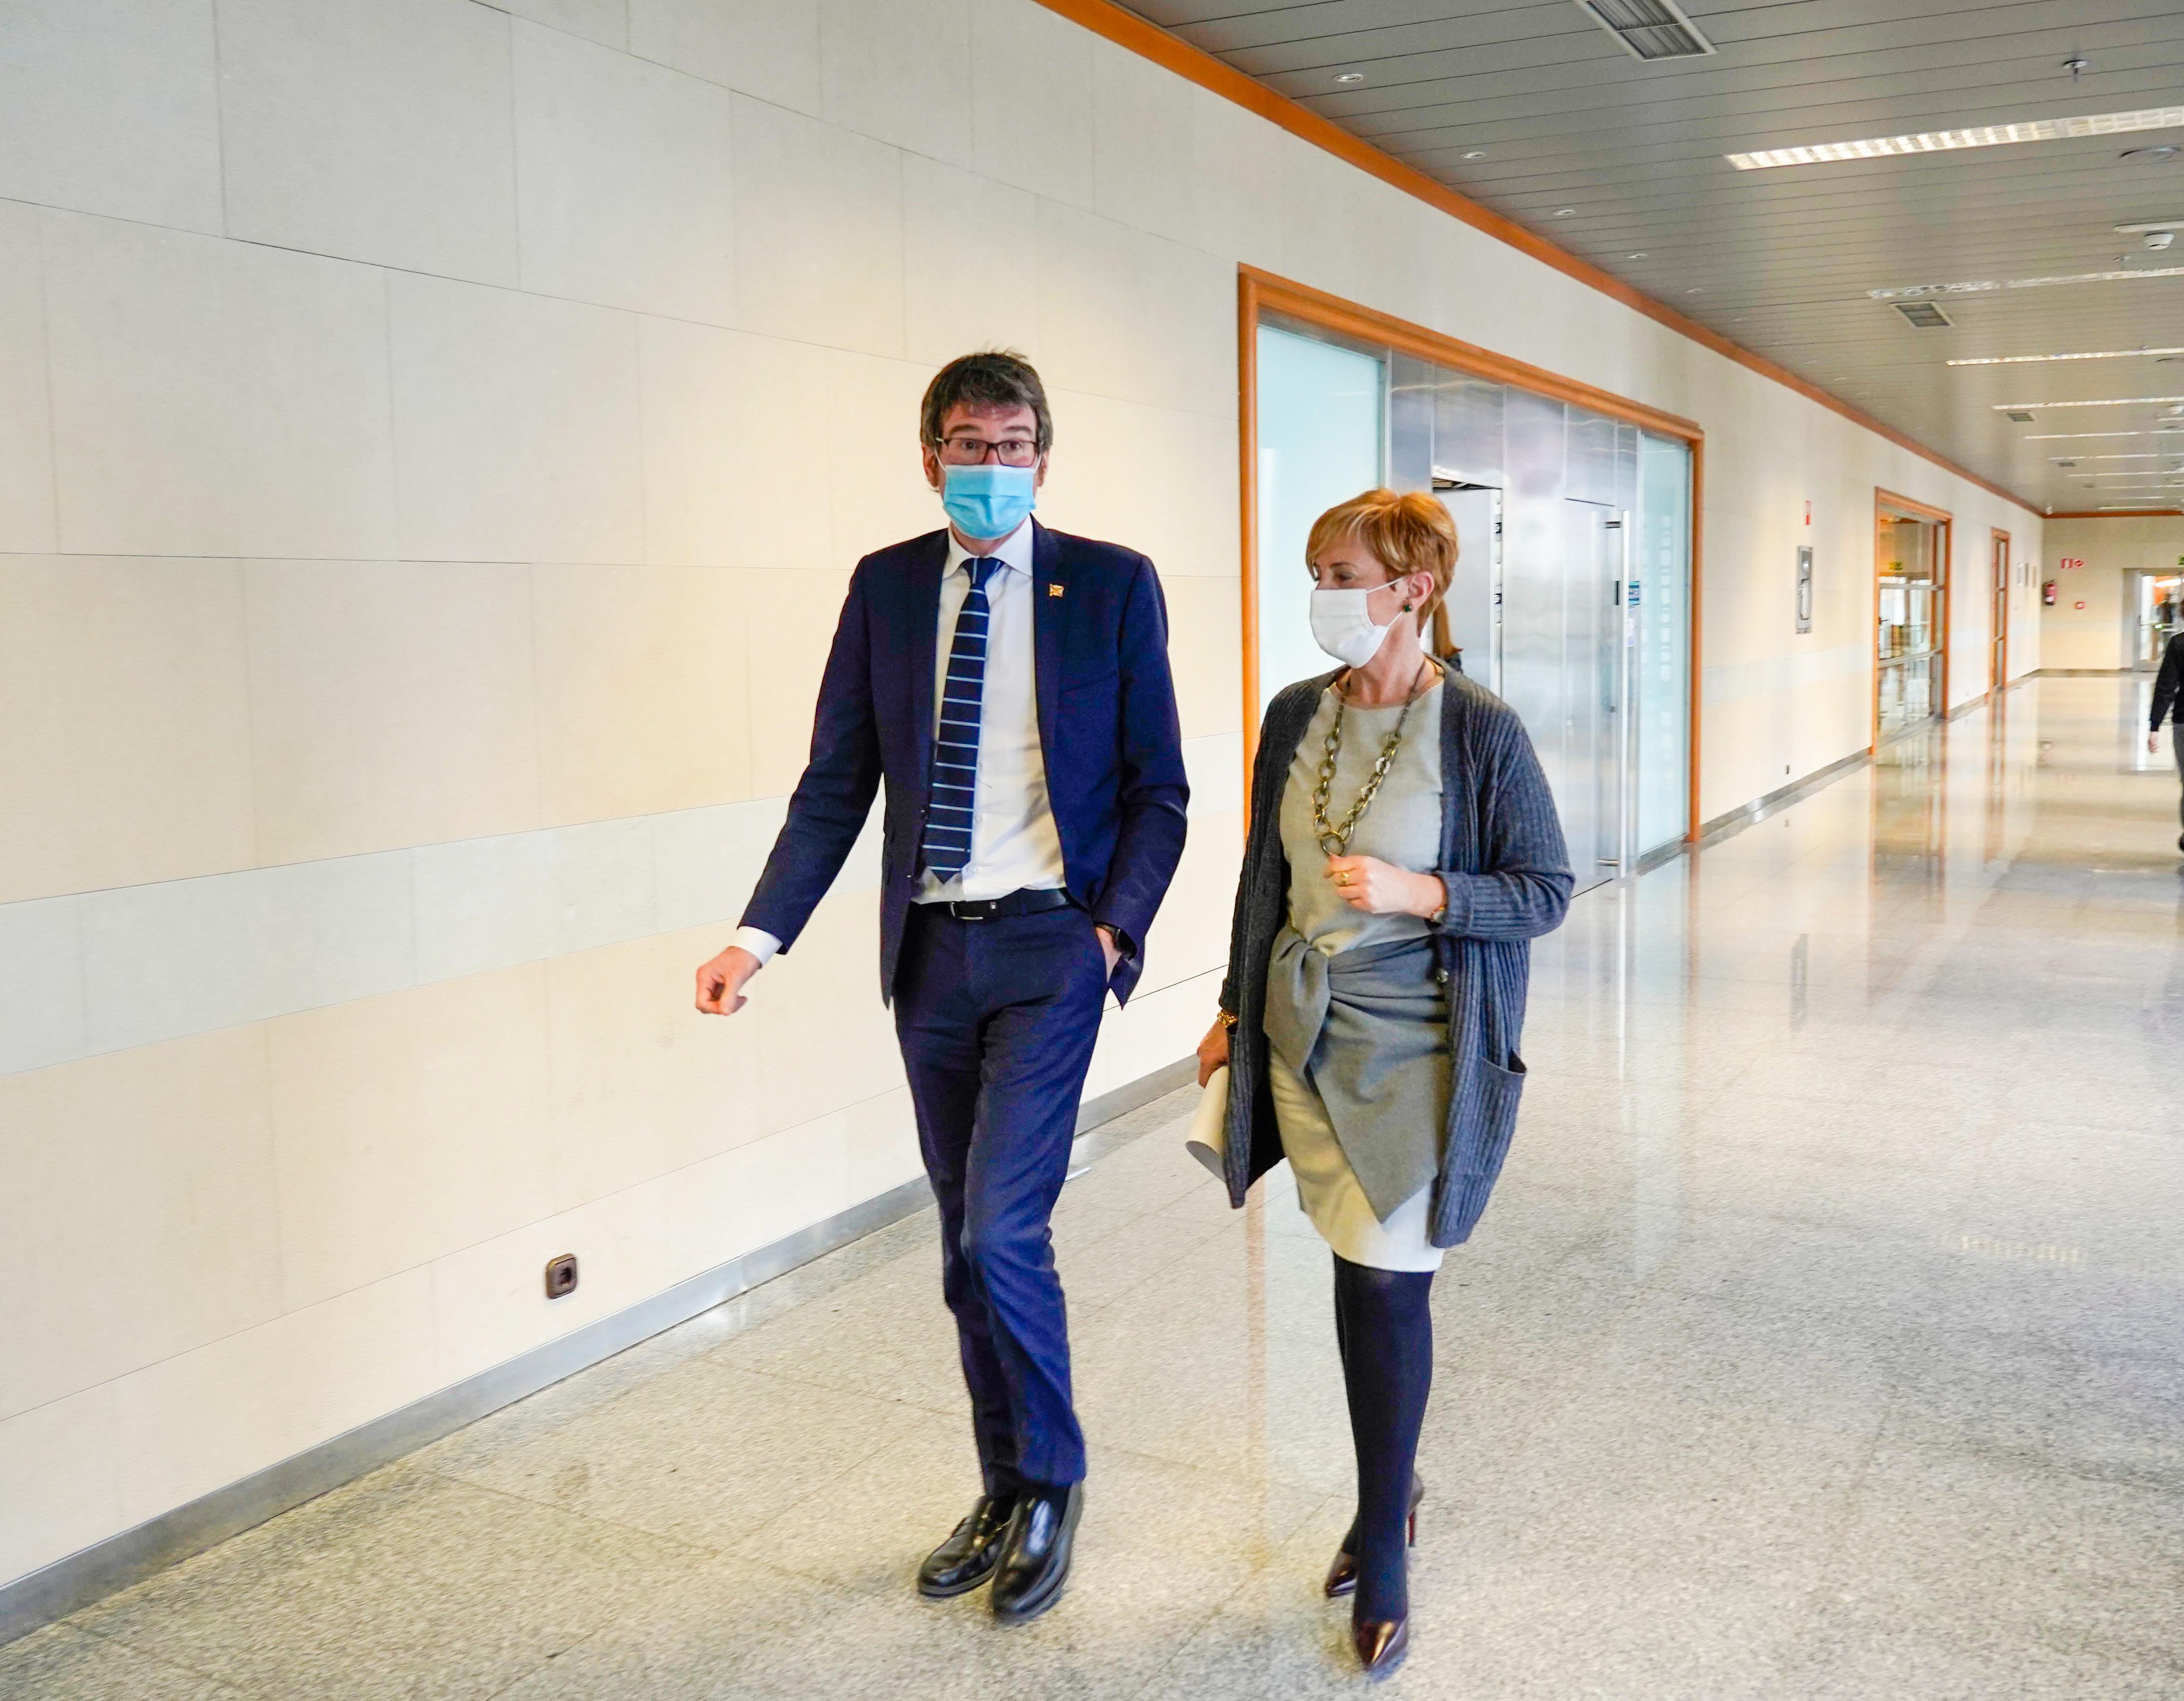 El Gobierno Vasco activará en mayo un nuevo programa con 100 millones de euros para que los ayuntamientos se adapten a la Ley de Sostenibilidad Energética [17:34]